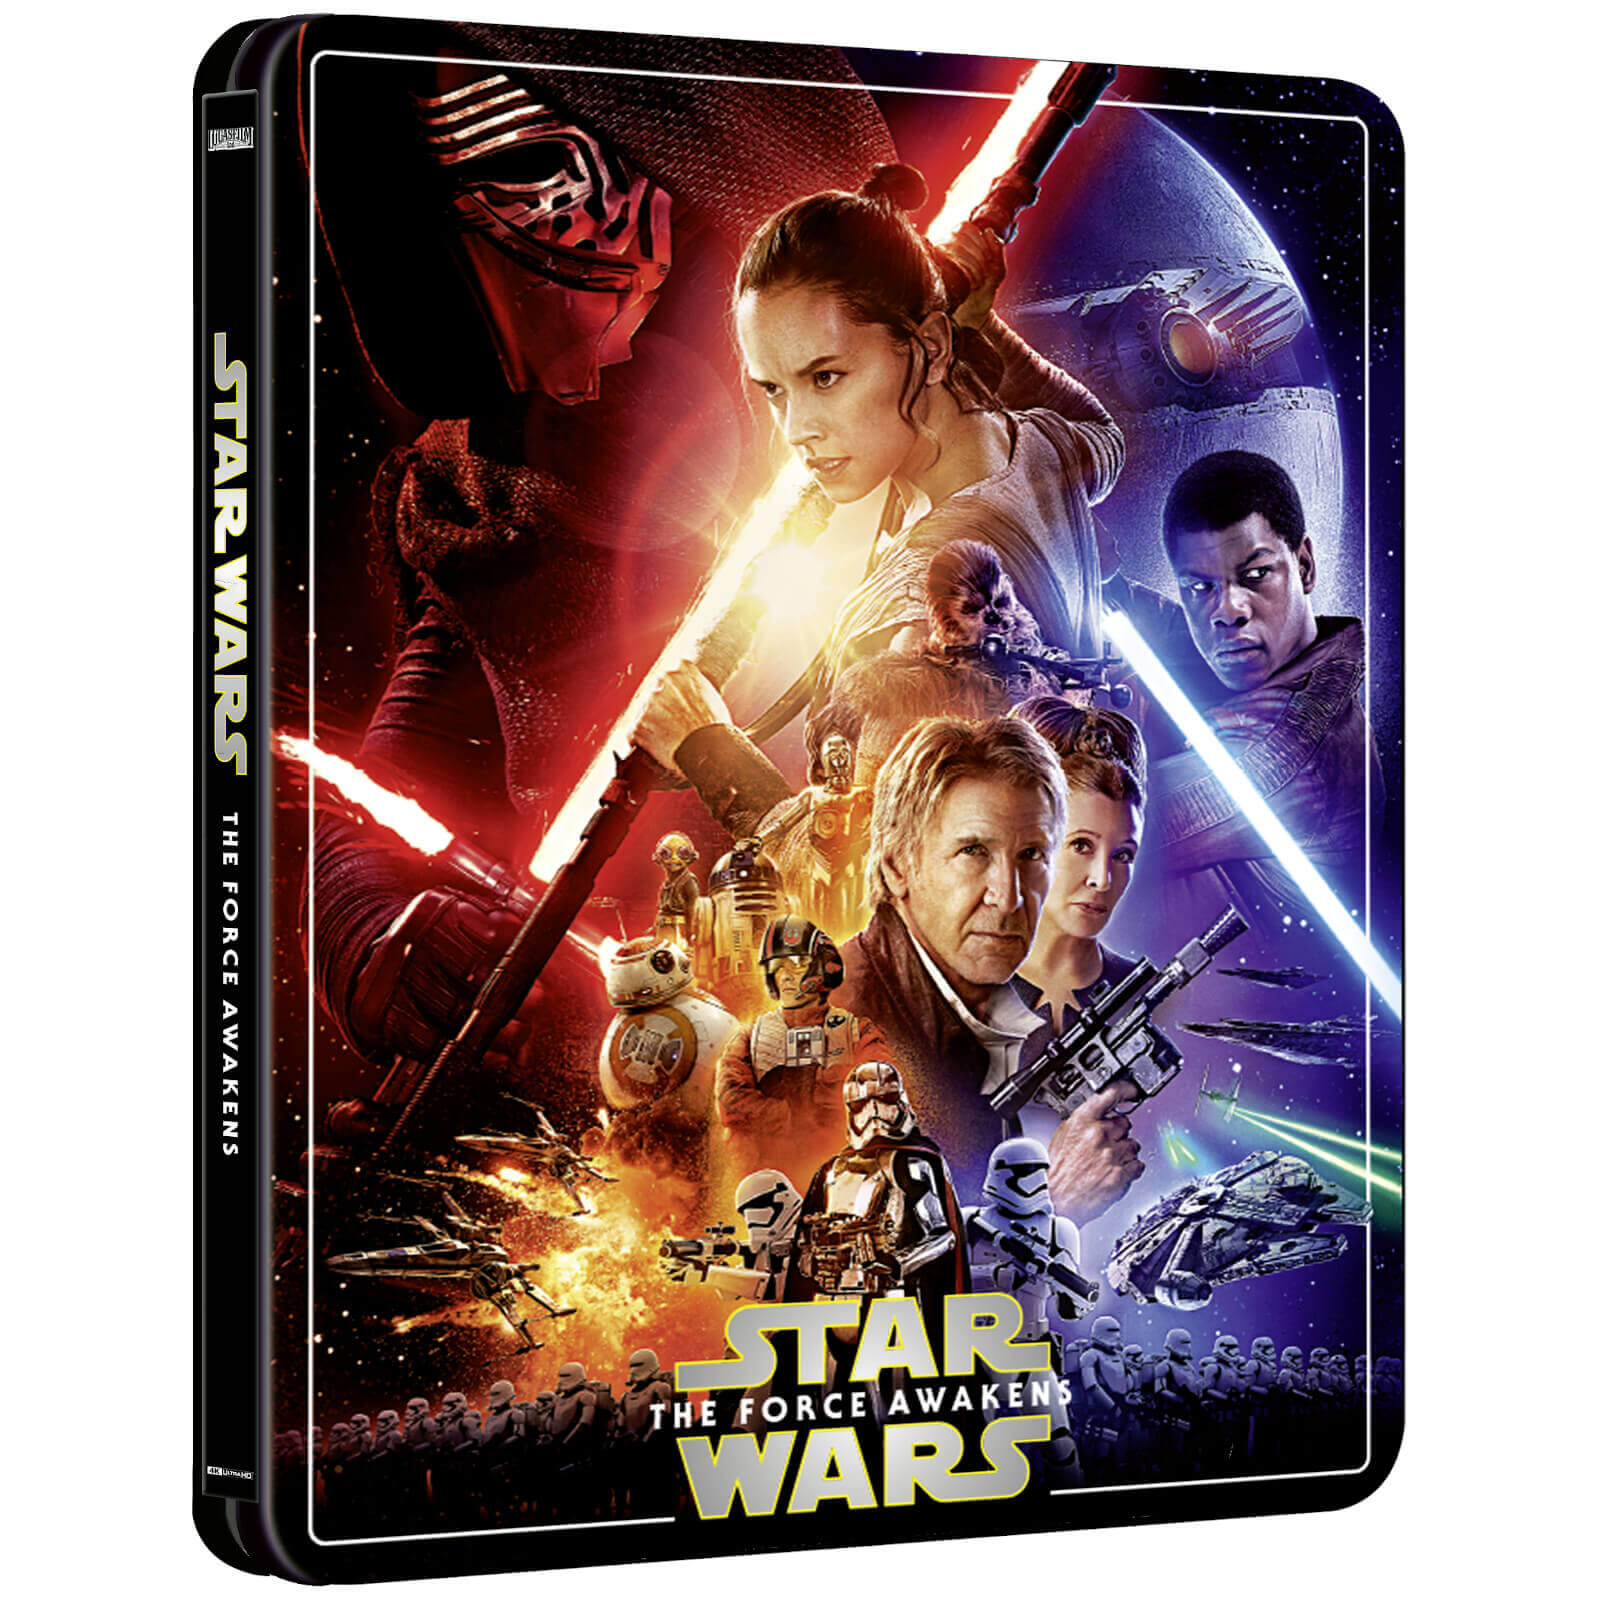 Star Wars 7 Kinokarten Vorbestellen